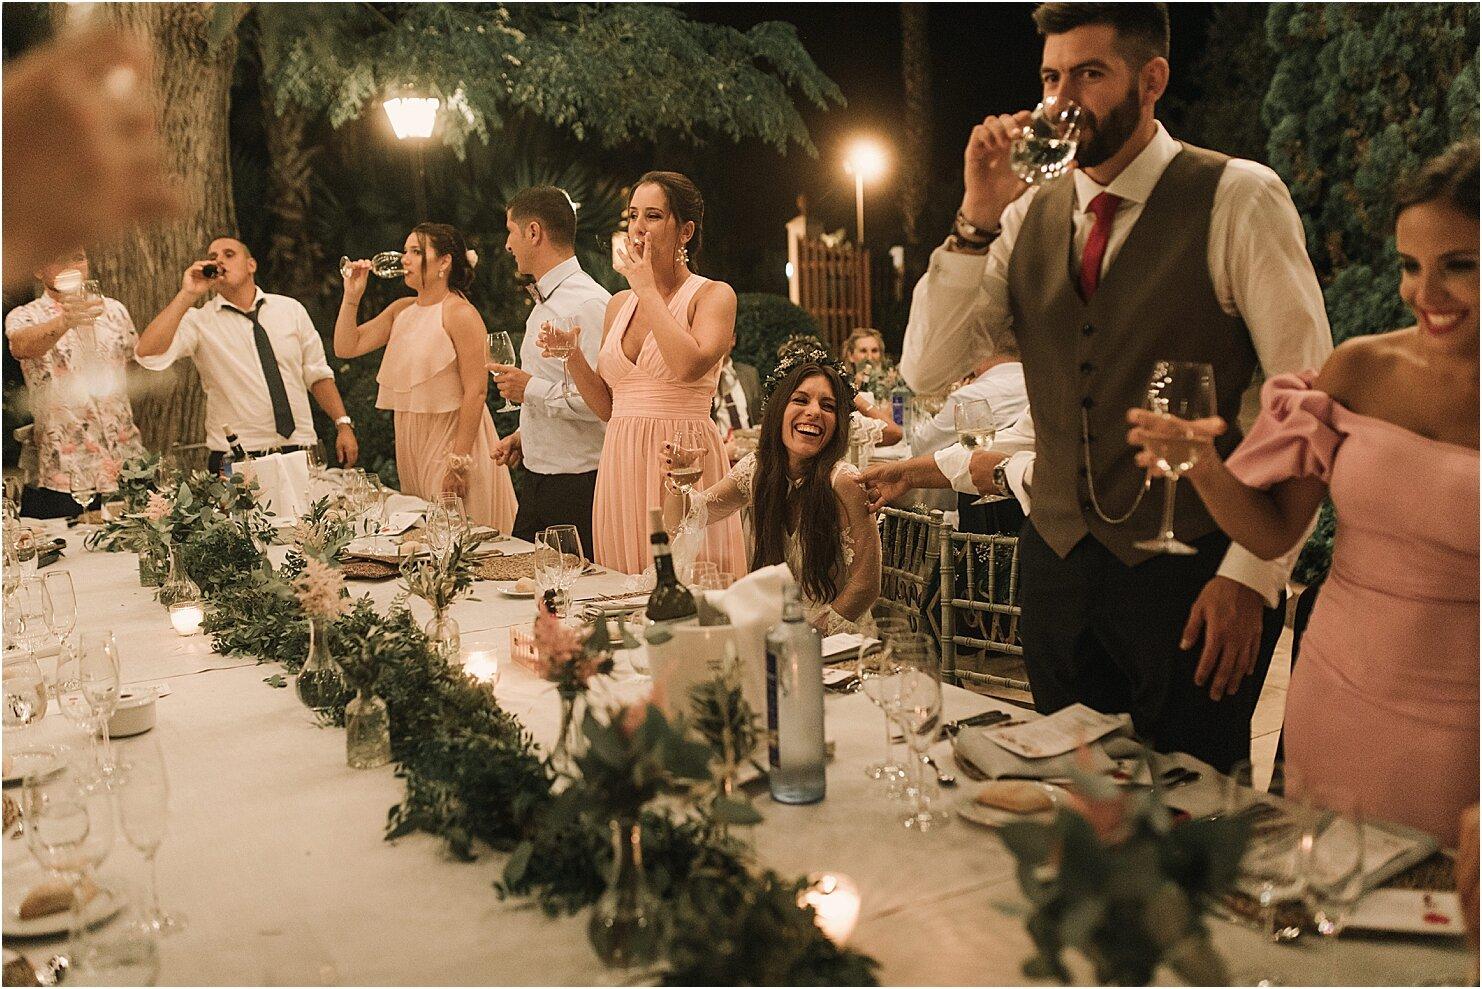 boda-romantica-boda-boho-vestido-de-novia-laura-lomas77.jpg